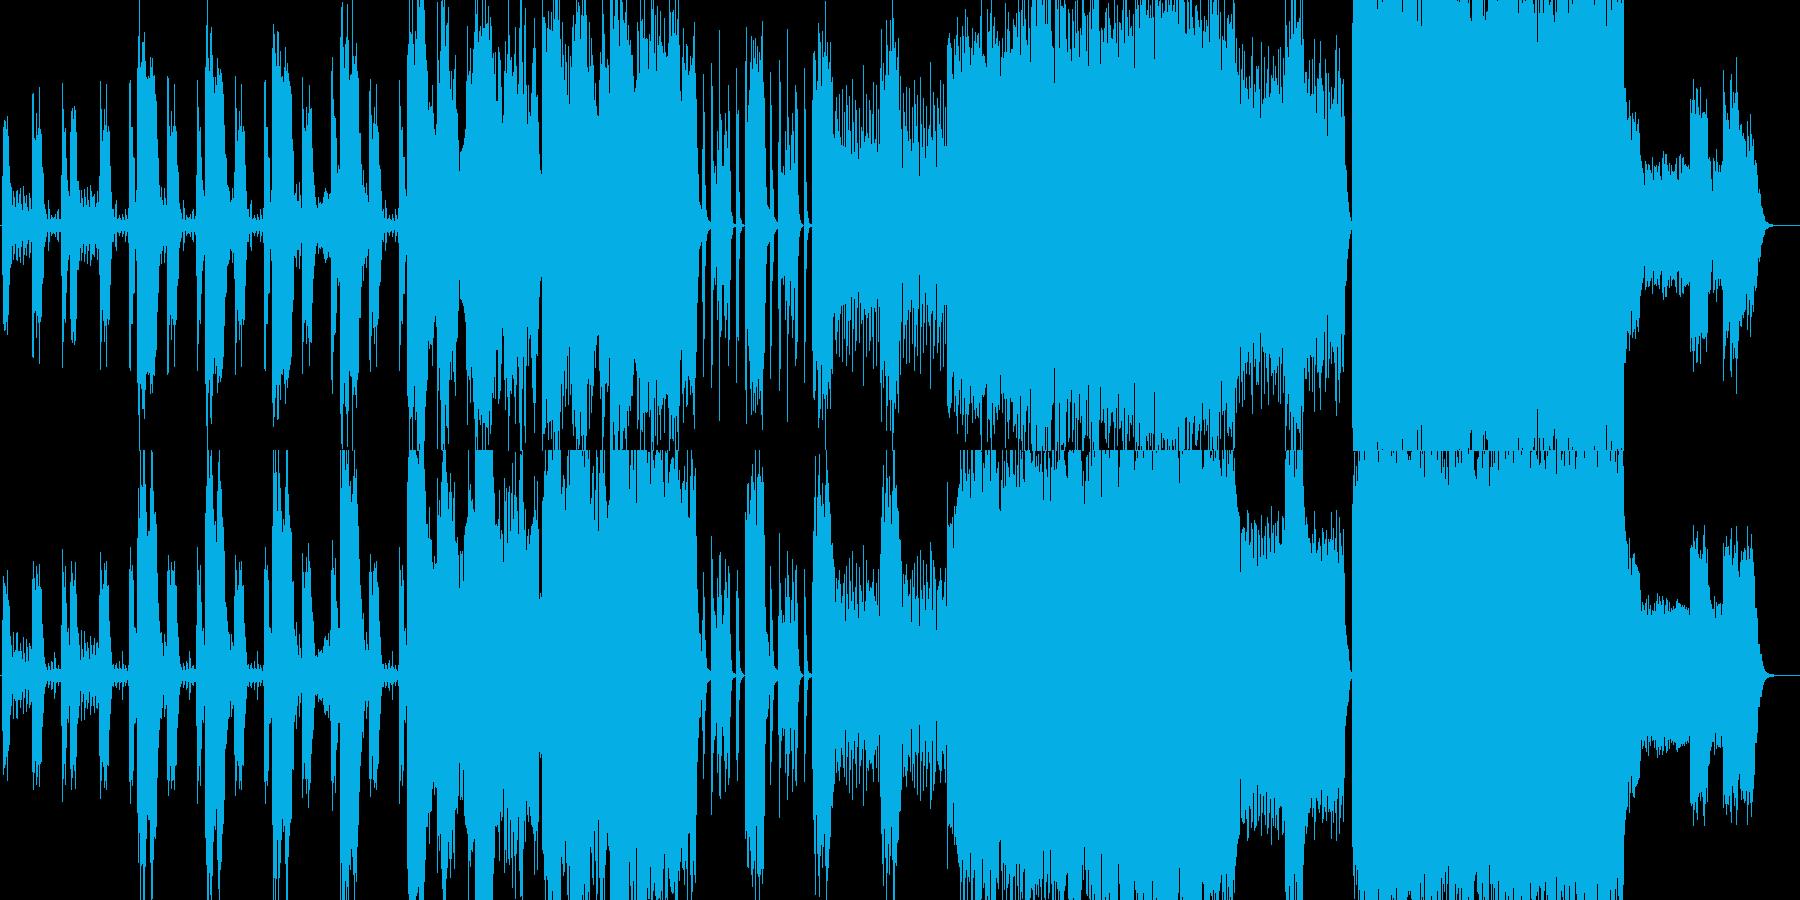 オーケストラメインの格好いい曲の再生済みの波形